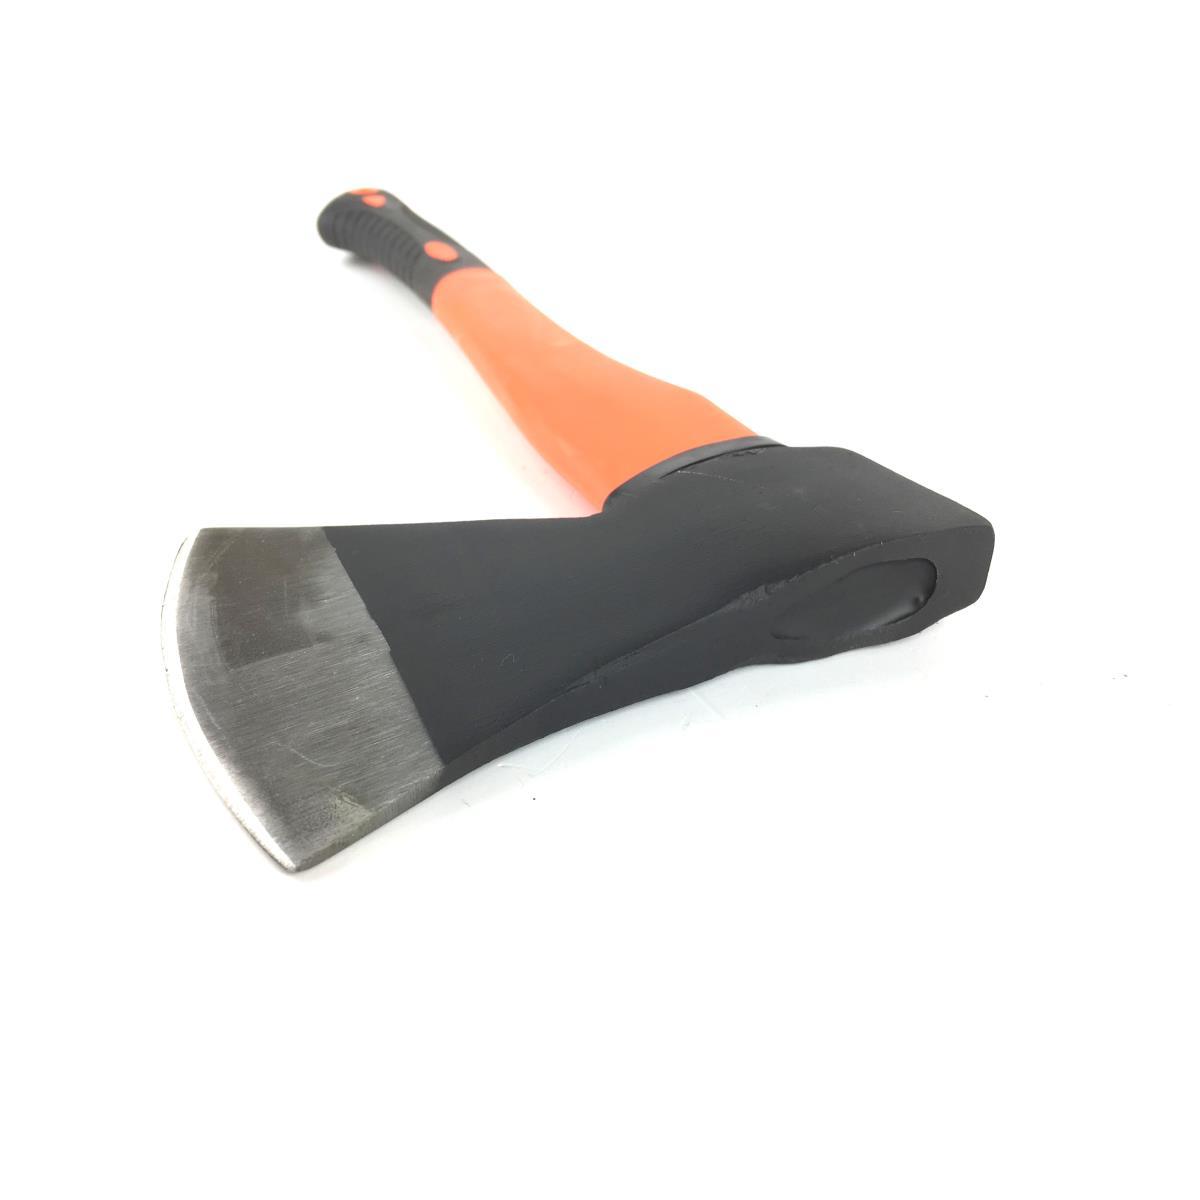 Beil  Axt mit Fiberglasstiel 1000 g Spaltaxt Spaltkeil Spaltbeil Spalthammer ,UAB,000051204823, 4772013002901